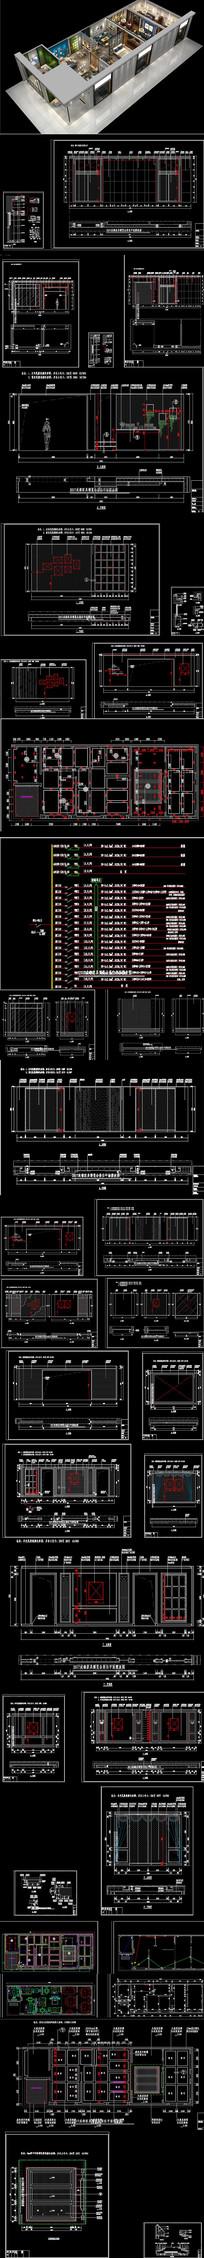 家装展位 展厅CAD图纸